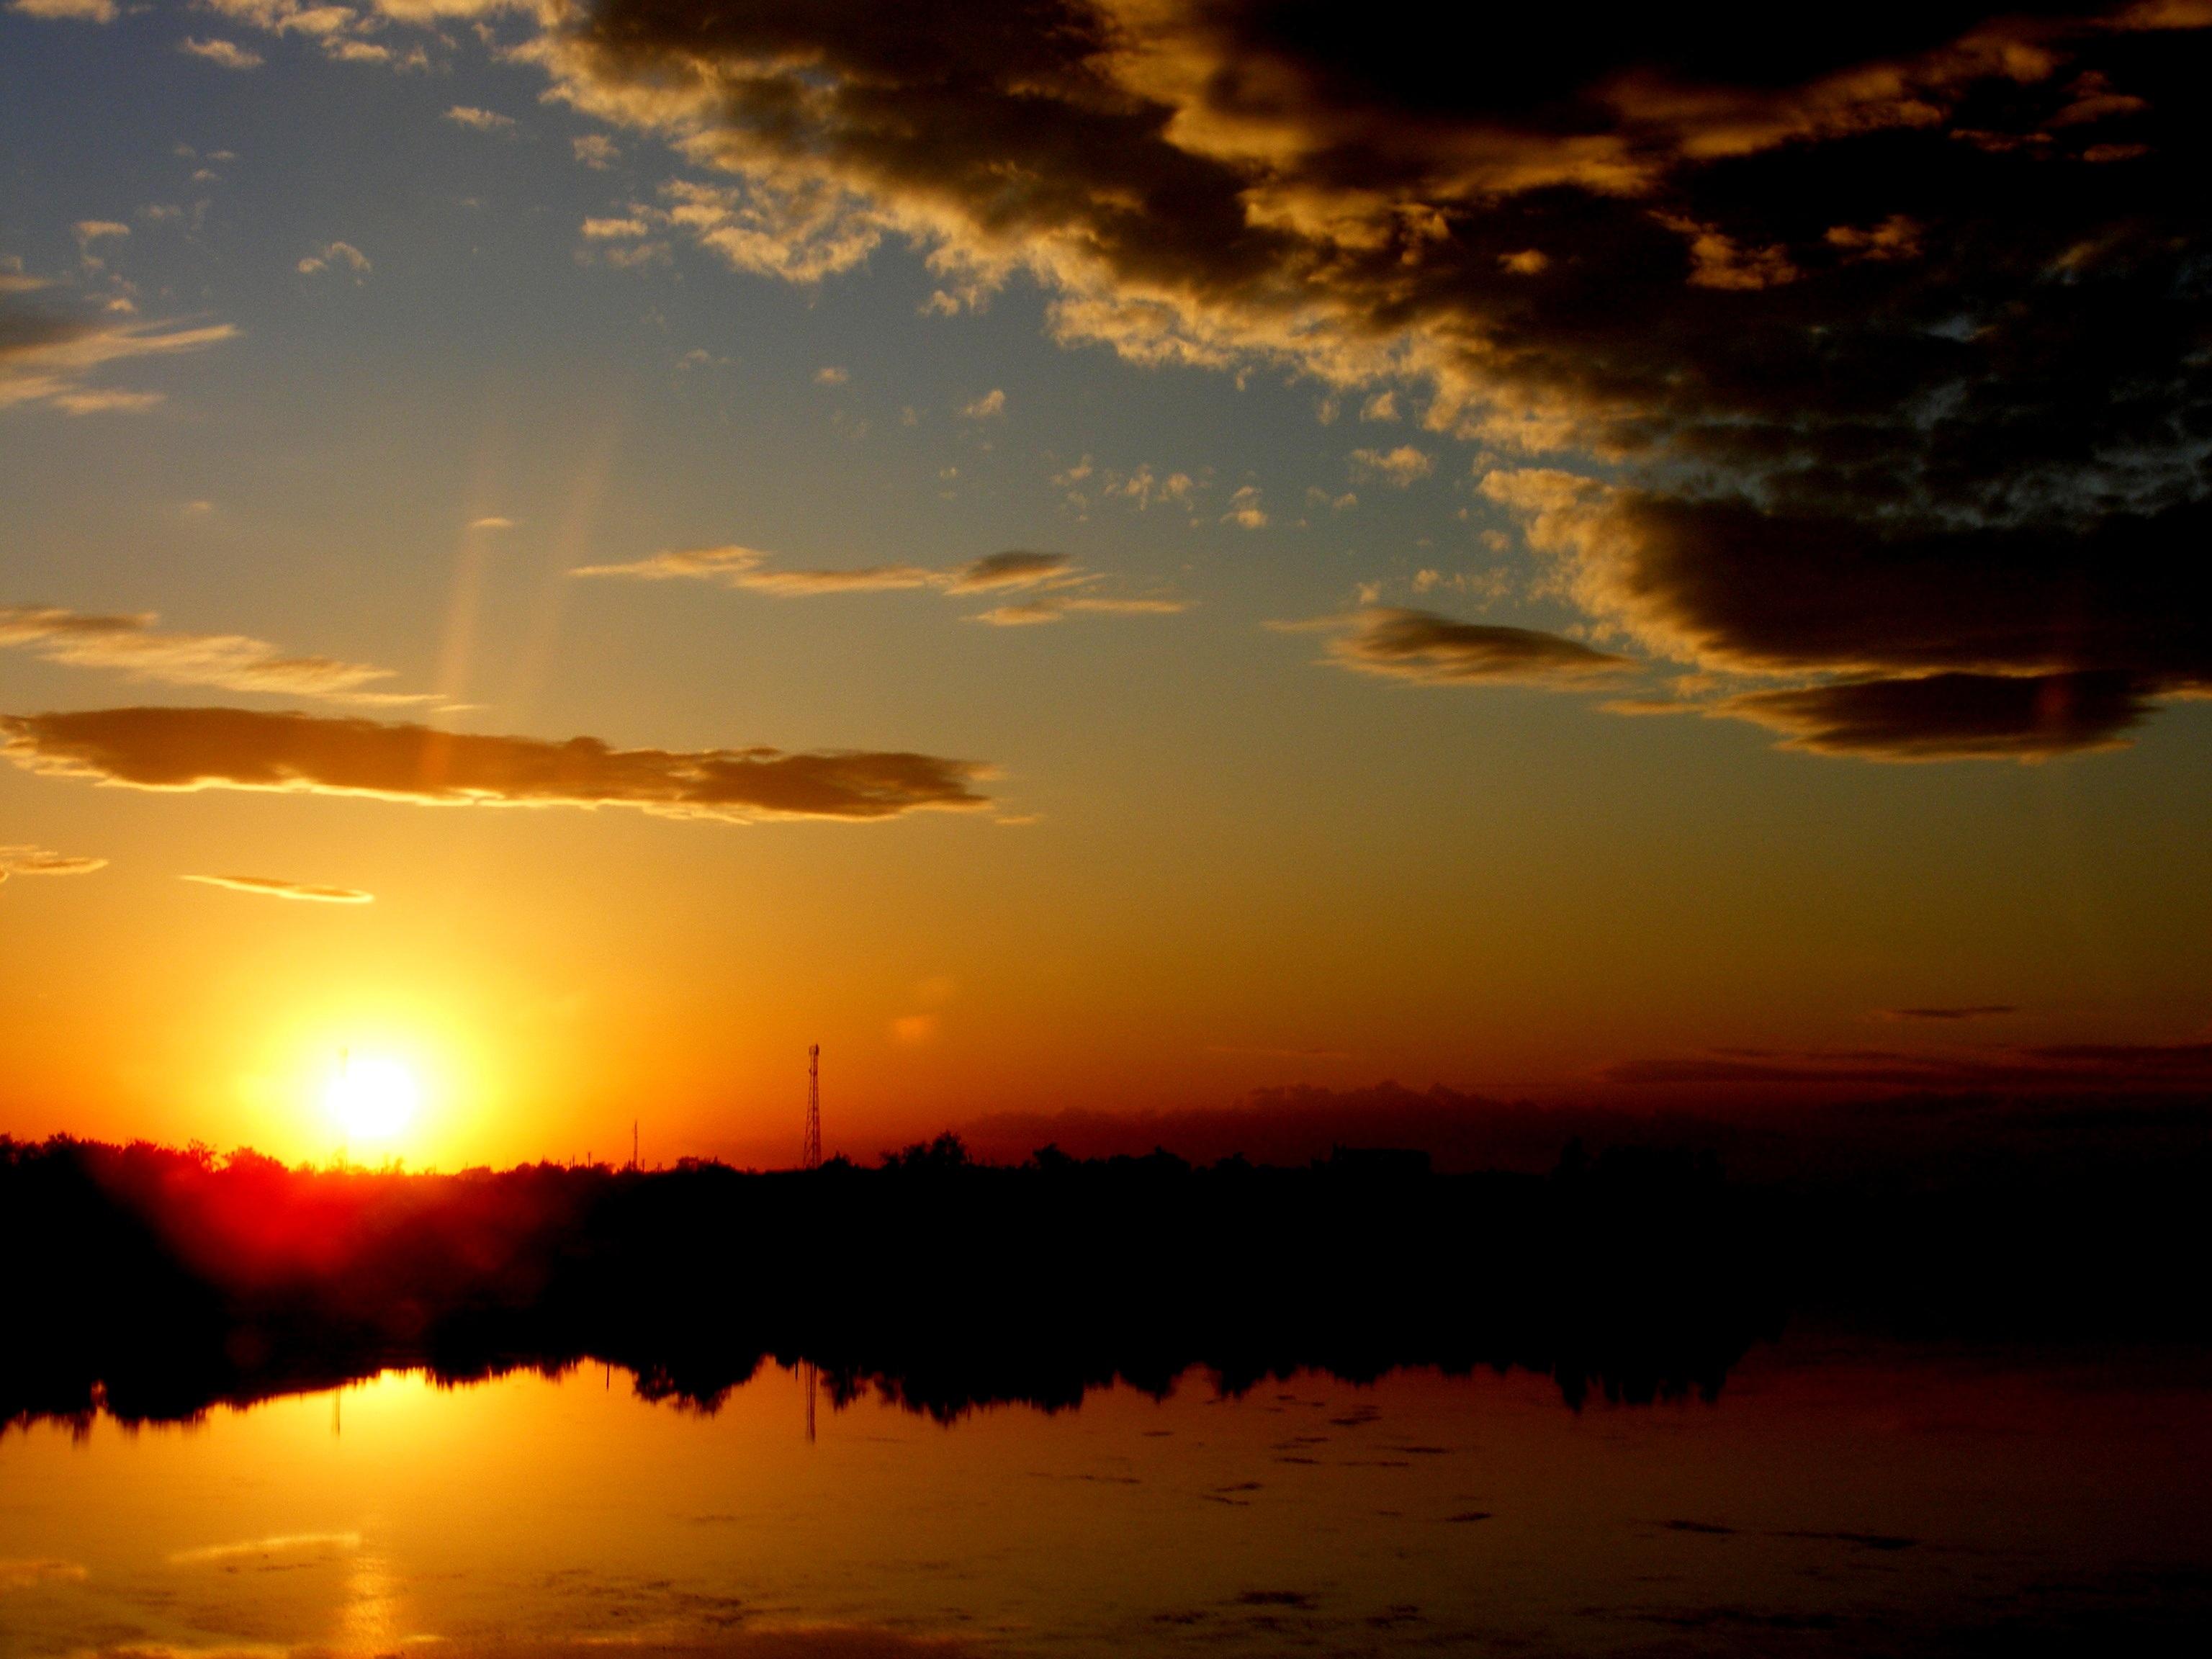 фото восхода и заката солнца победа